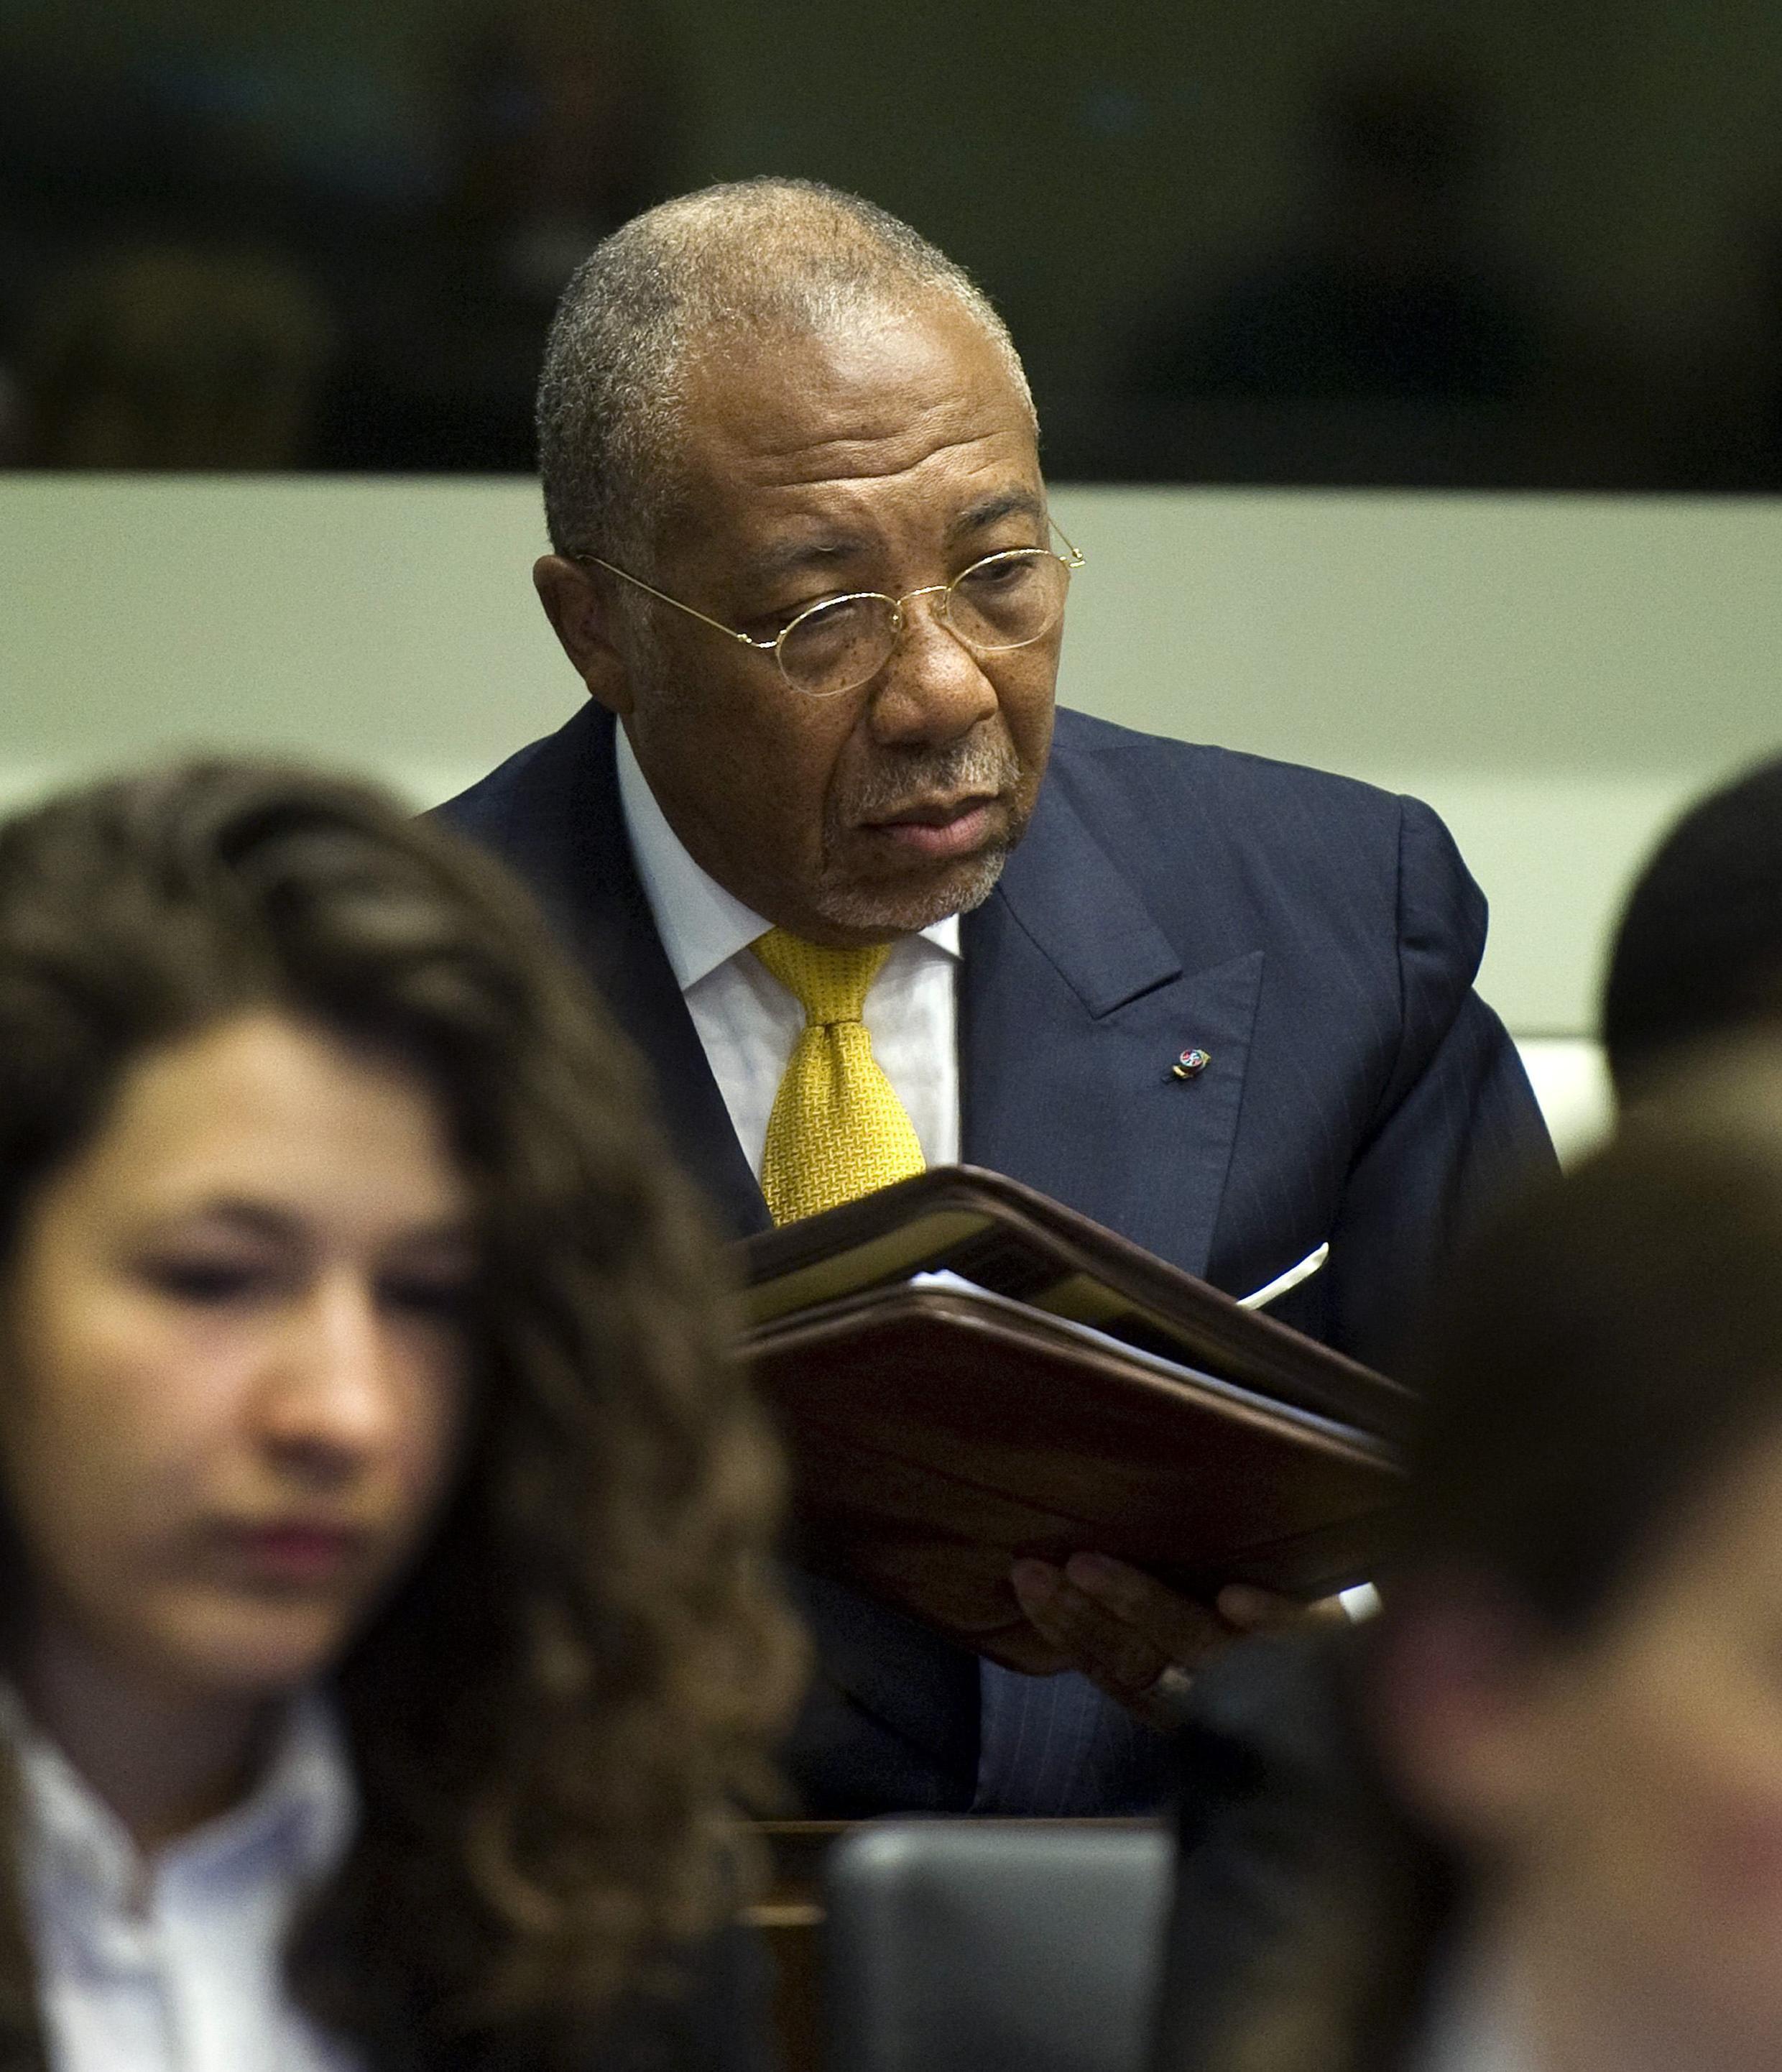 Rais wa zamani wa Liberia Charles Taylor ambaye amehukumiwa kifungo cha miaka 50 kwa makosa ya uhalifu wa kivita aliyoyatenda nchini Sierra Leone